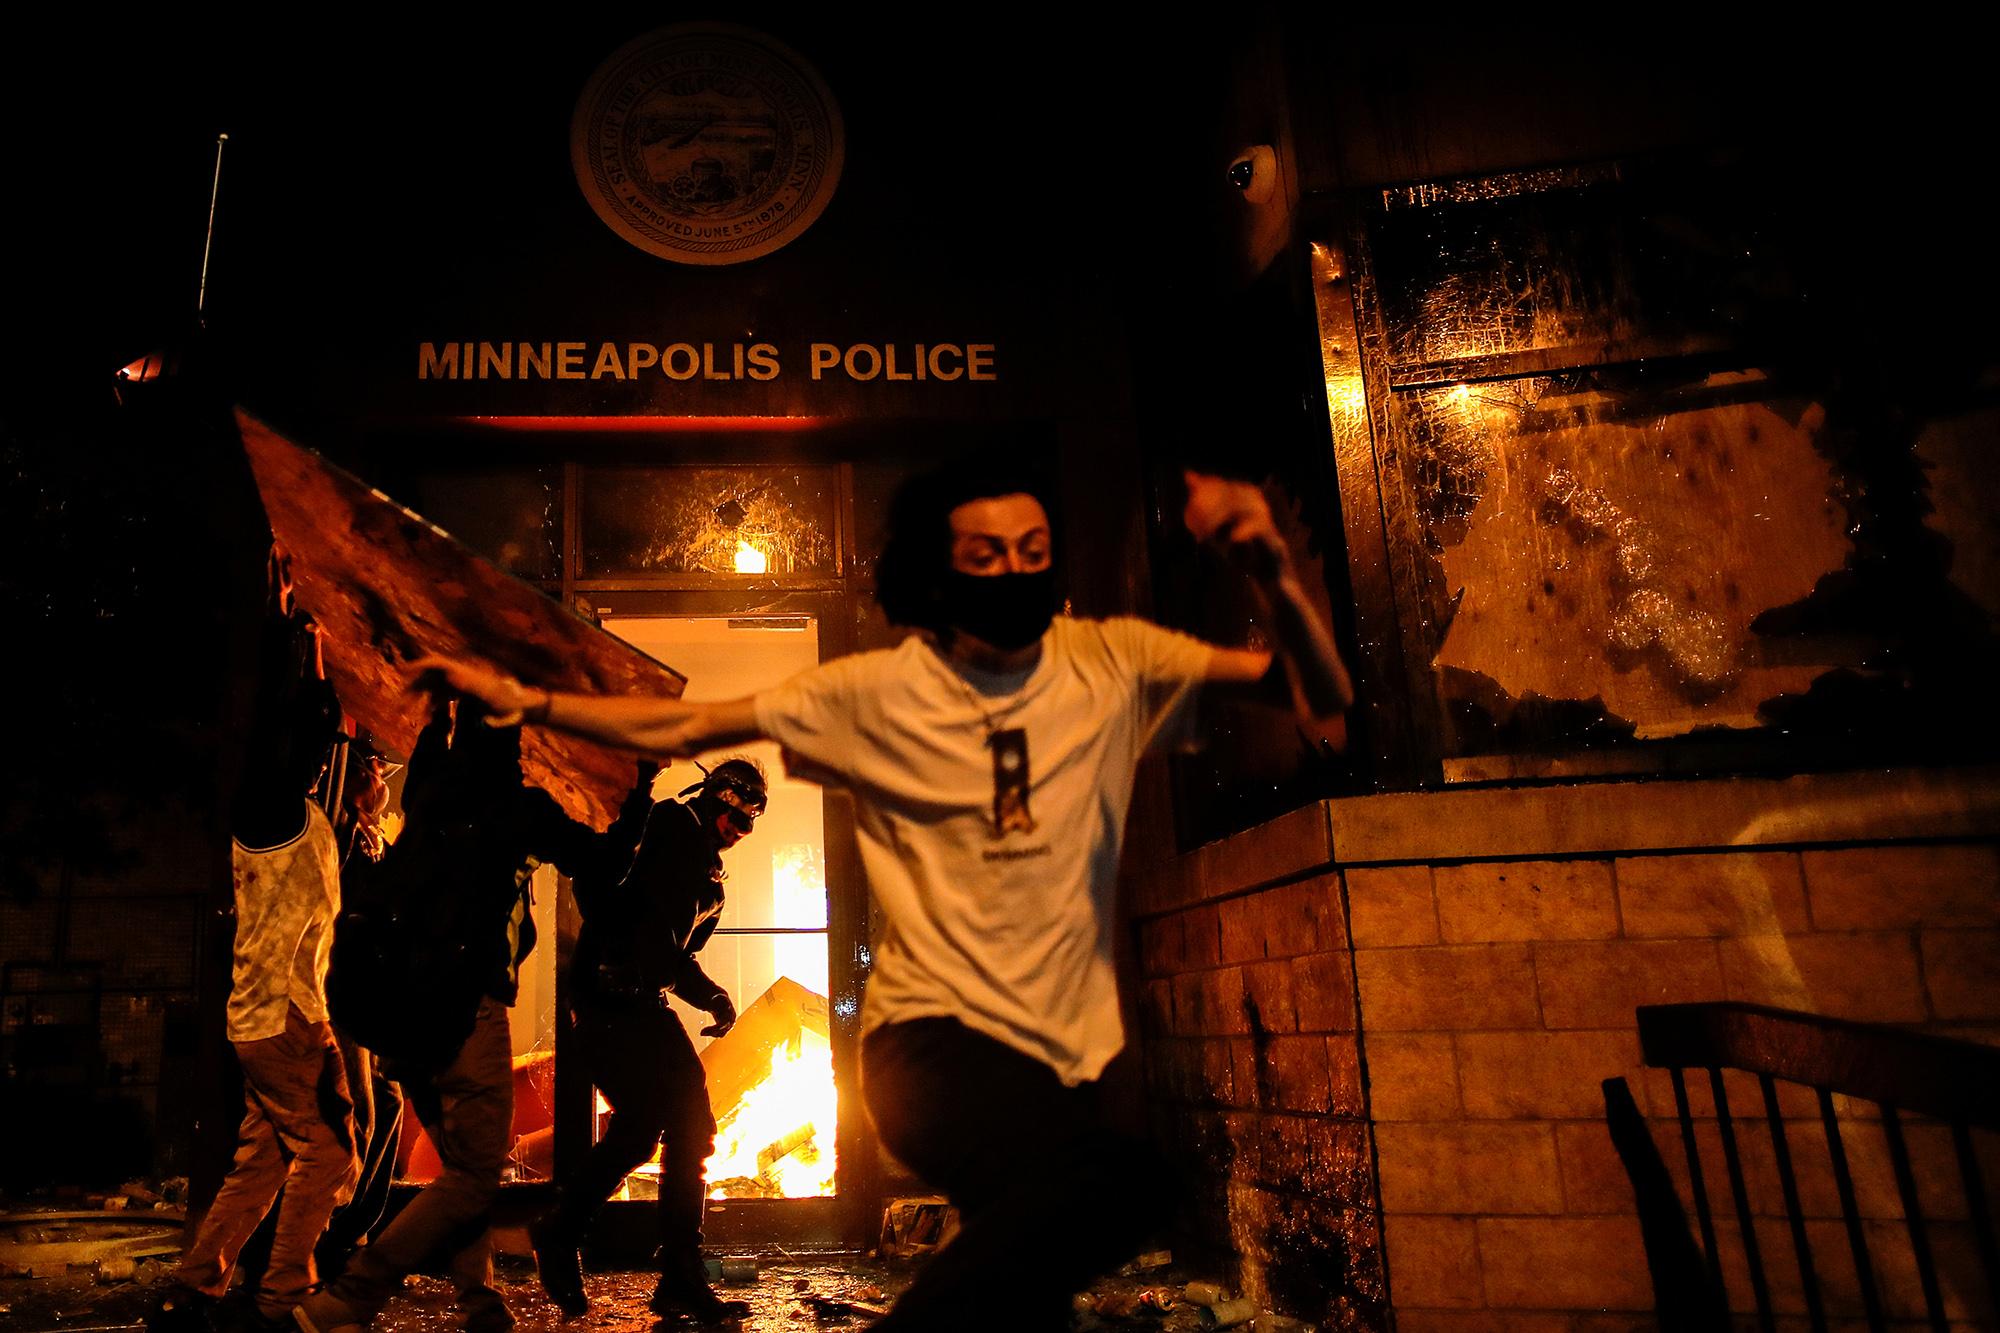 Полицейский участок вМиннеаполисе.